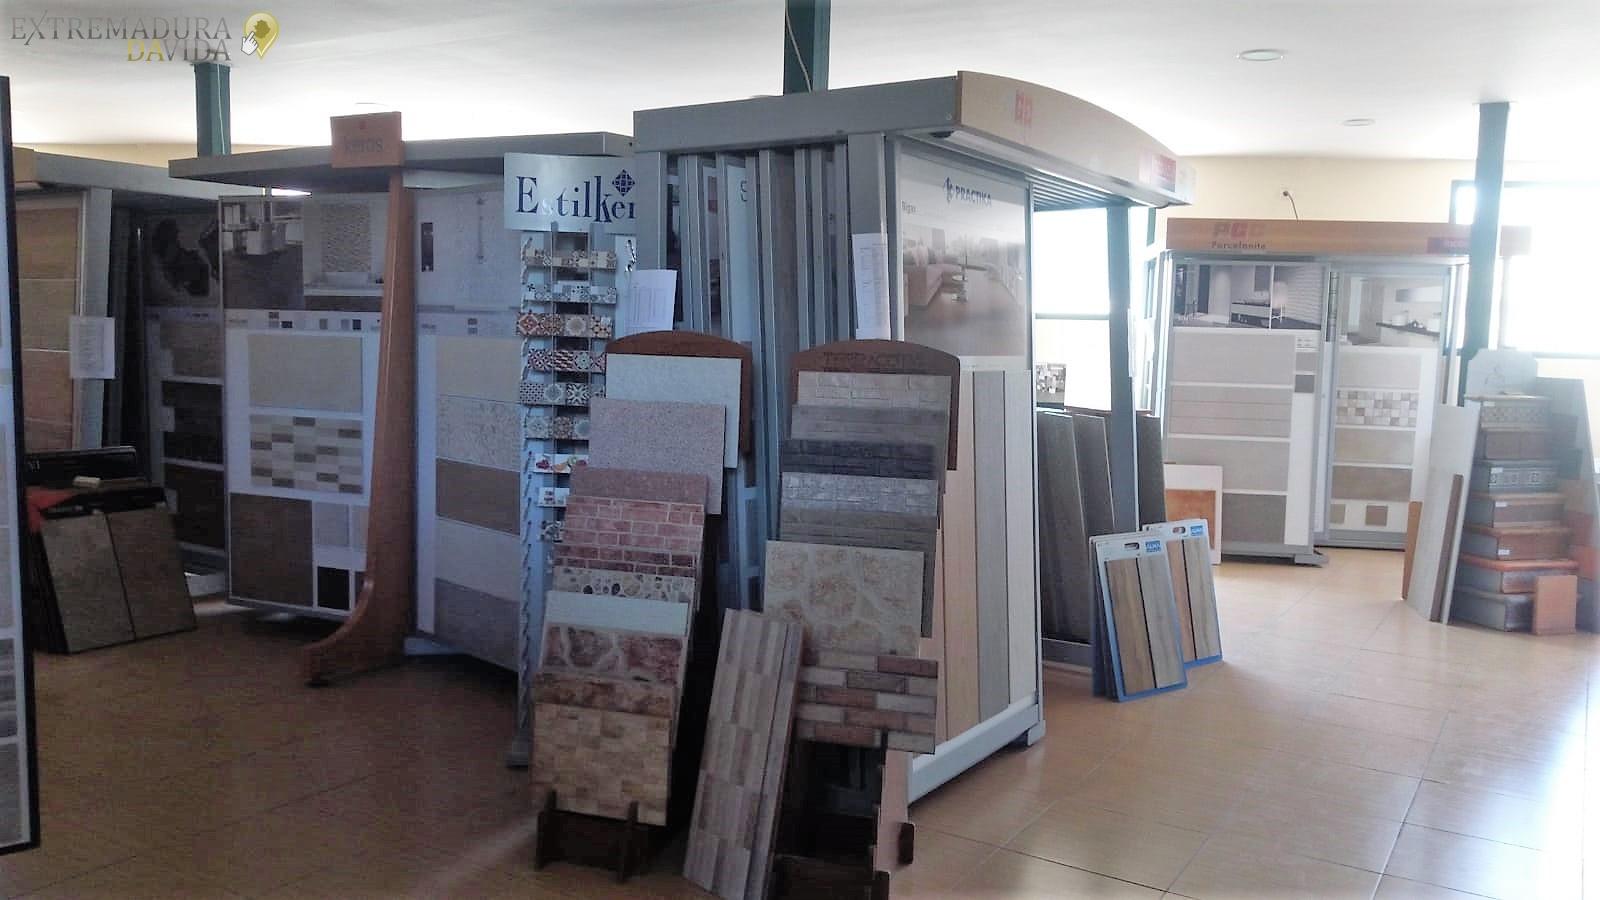 Almacén de construcción en la Vera Macrodilla jarandilla de la Vera